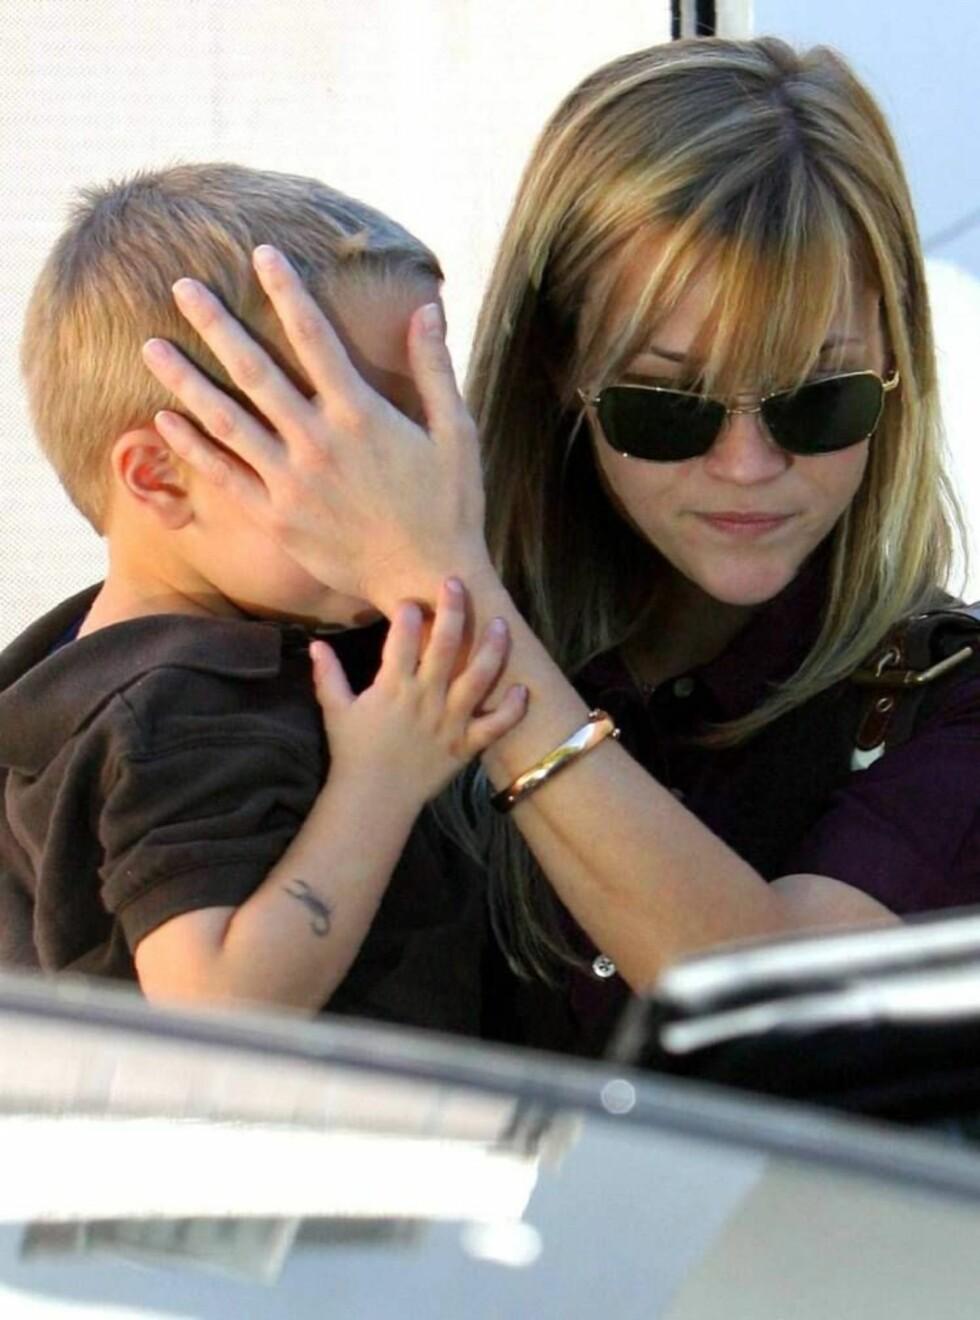 BESKYTTENDE MOR: Reese prøver å skjerme sønnen Deacon fra fotografene. Foto: All Over Press